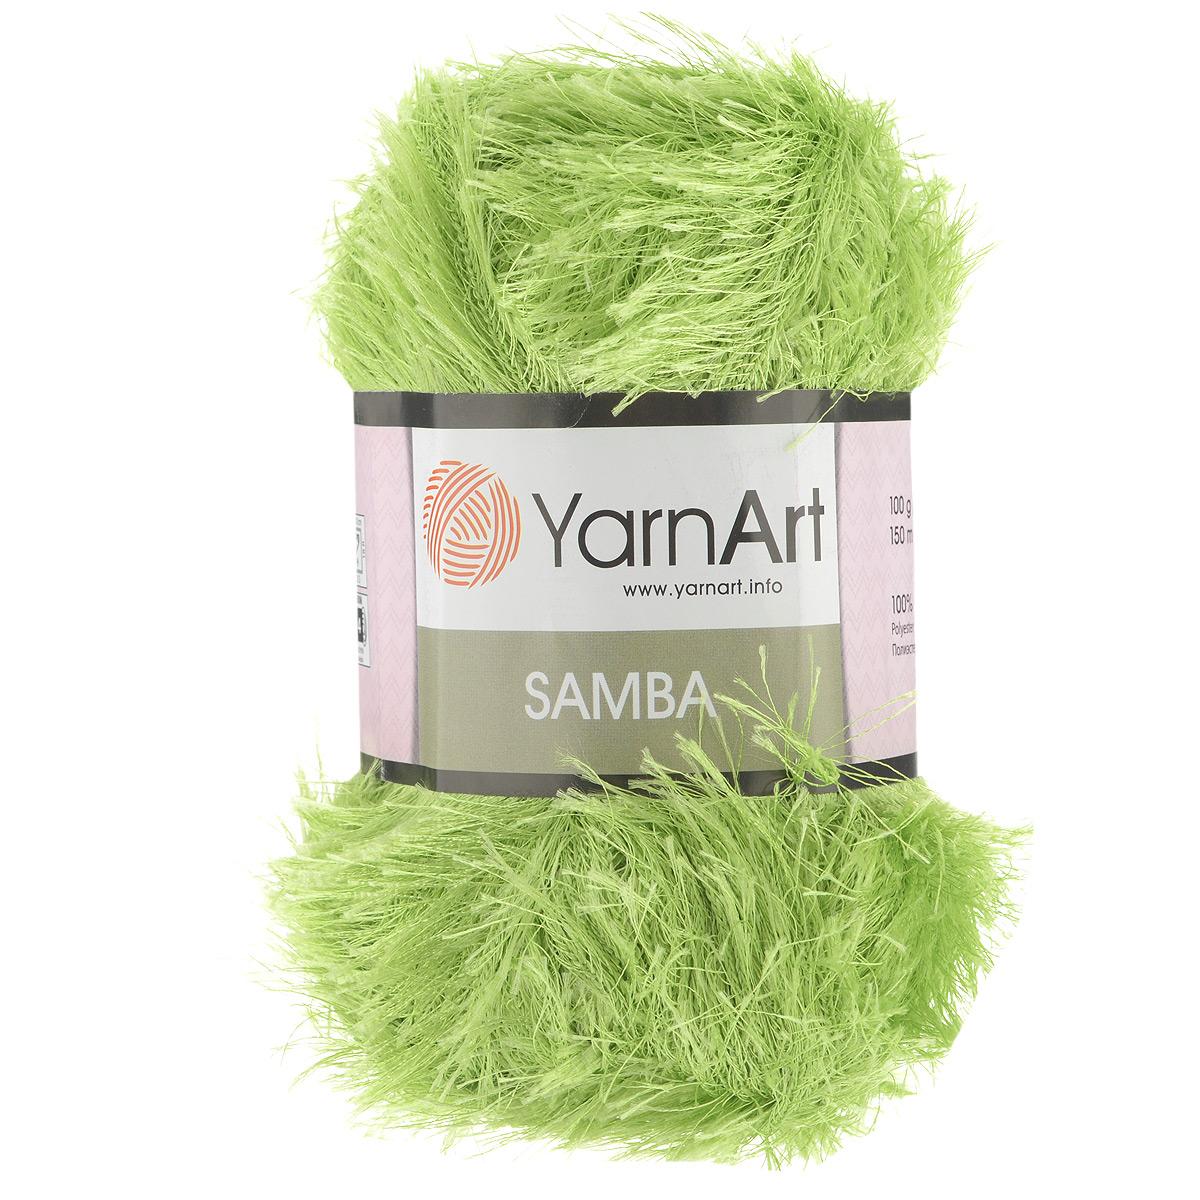 Пряжа для вязания YarnArt Samba, цвет: светло-оливковый (35), 150 м, 100 г, 5 шт372009_35Пряжа YarnArt Samba представляет собой яркий пример отделочной нити, с помощью которой можно придать оригинальность и красоту каждому изделию. Нить удобна тем, что подлежит работе и крючком, и спицами. Пряжа YarnArt Samba не требует особых изысков в выборе узора - пушистый ворс нитки делает привлекательным даже обыкновенную гладь. Нить скрученная, средней толщины, послушна в работе, удобно скользит. Состав: 100% полиэстер. Комплектация: 5 мотков. Рекомендованы для вязания спицы № 5,5, крючок № 5,5.